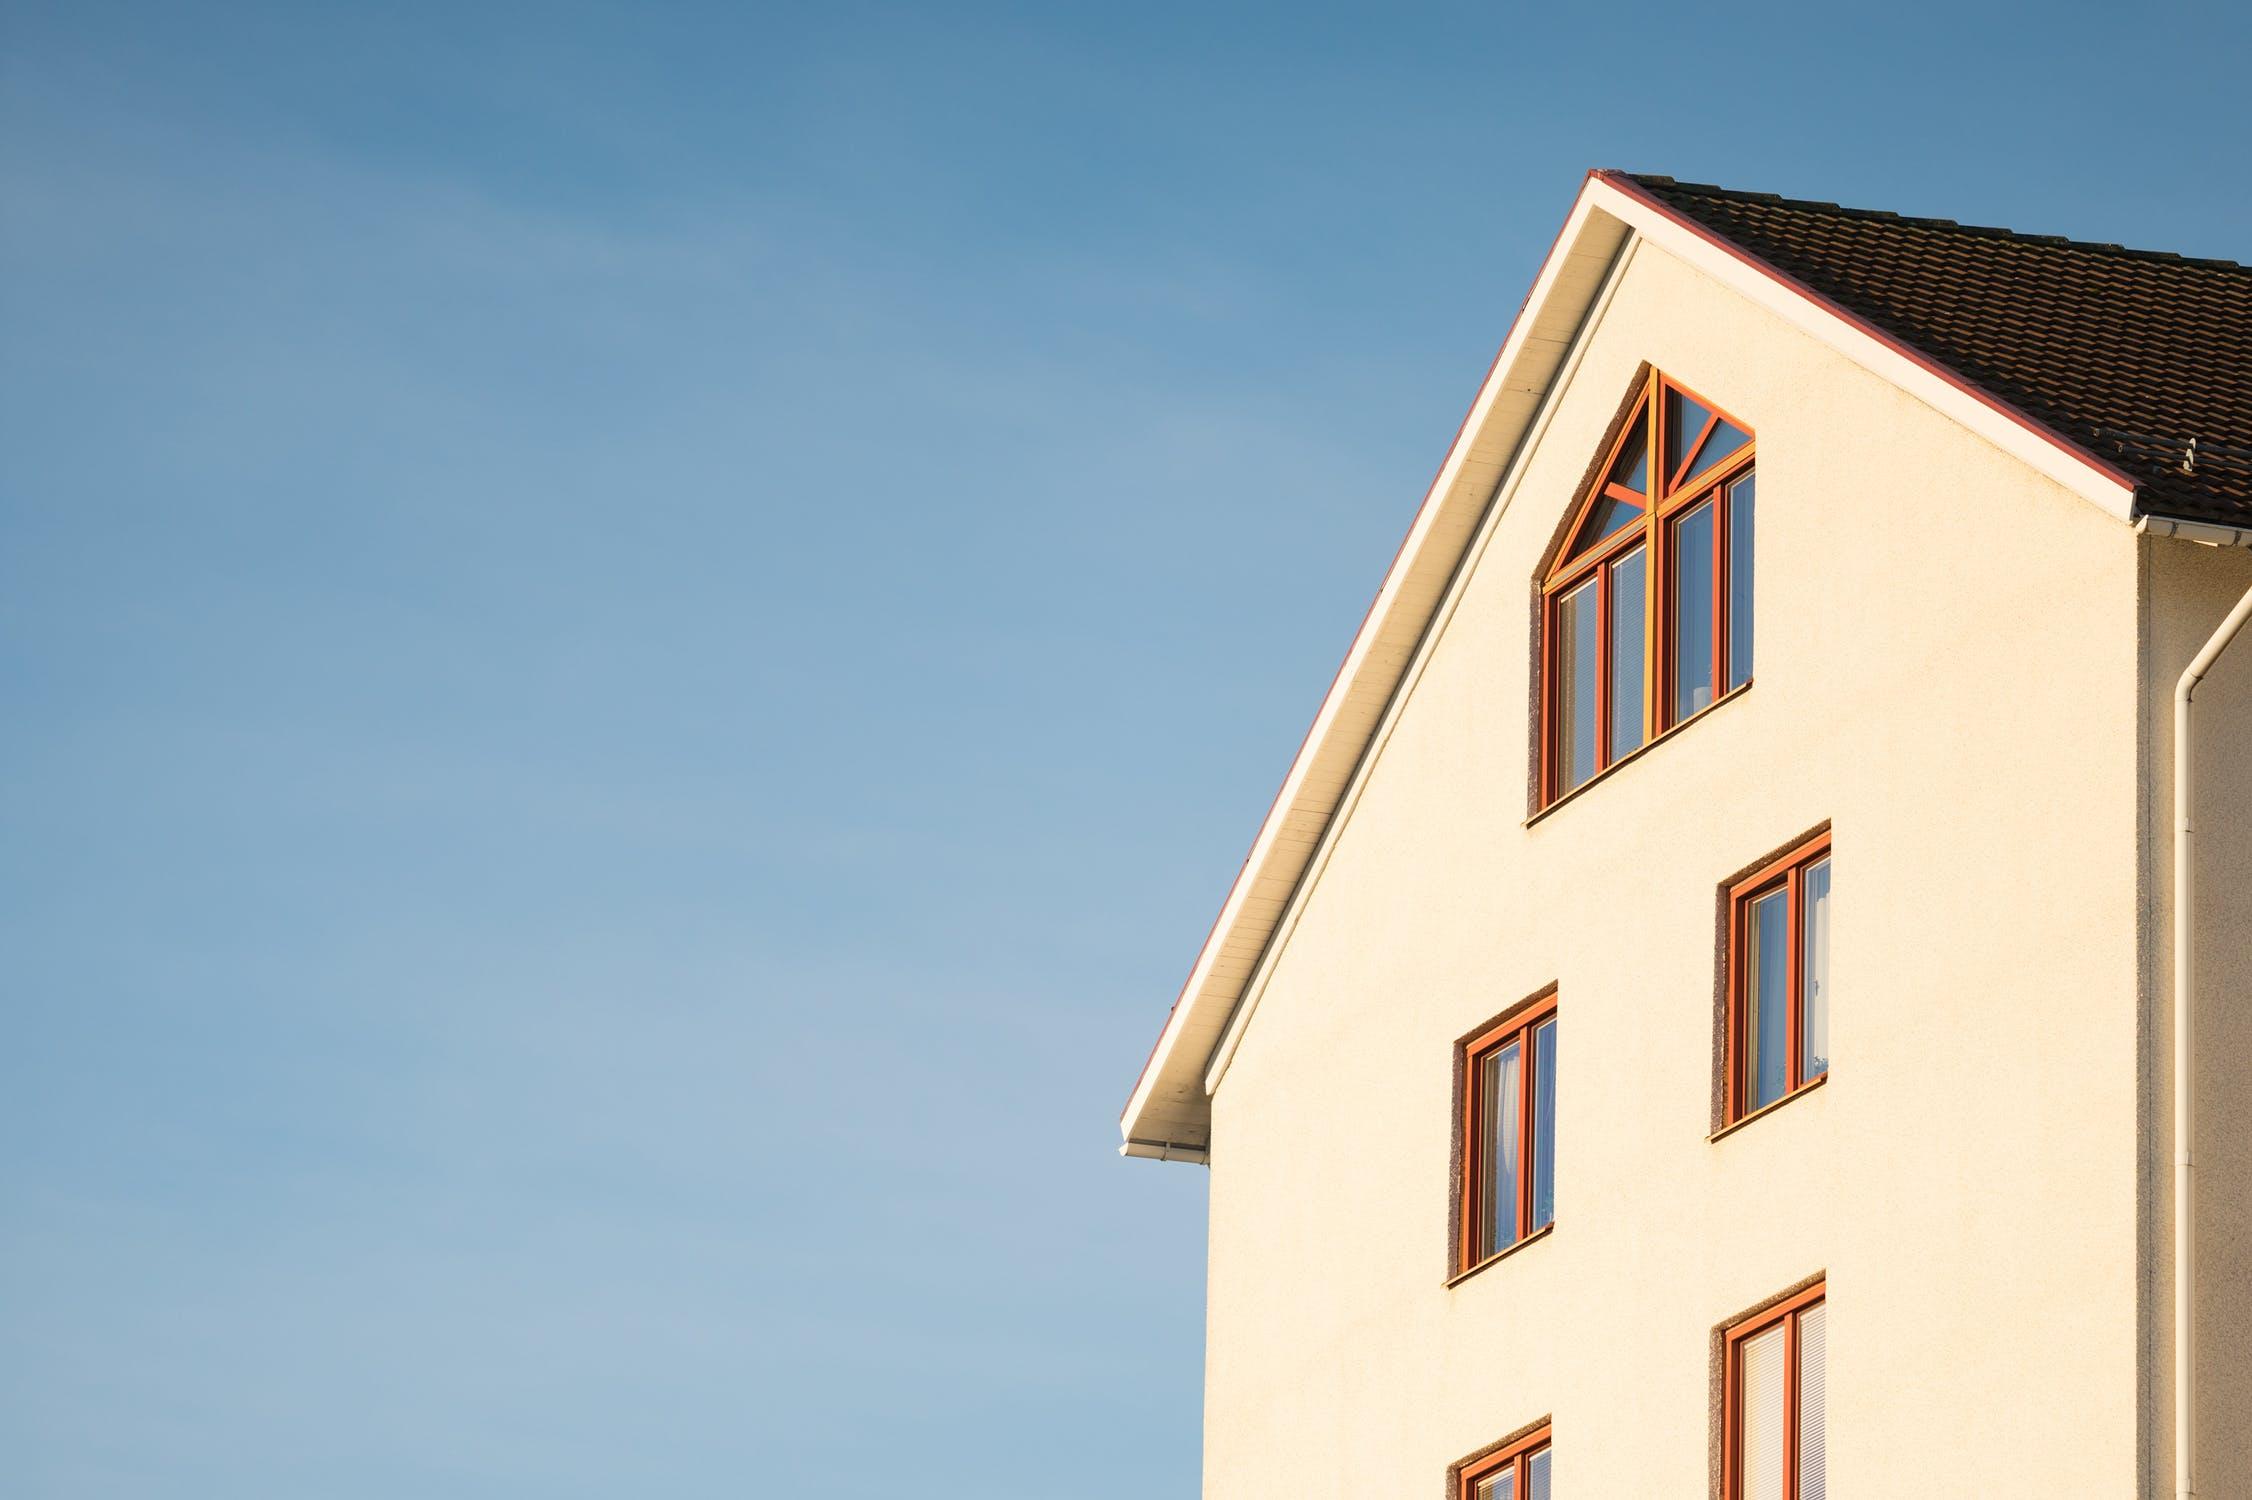 Vente immobilière : qui doit payer les frais d'agence ?